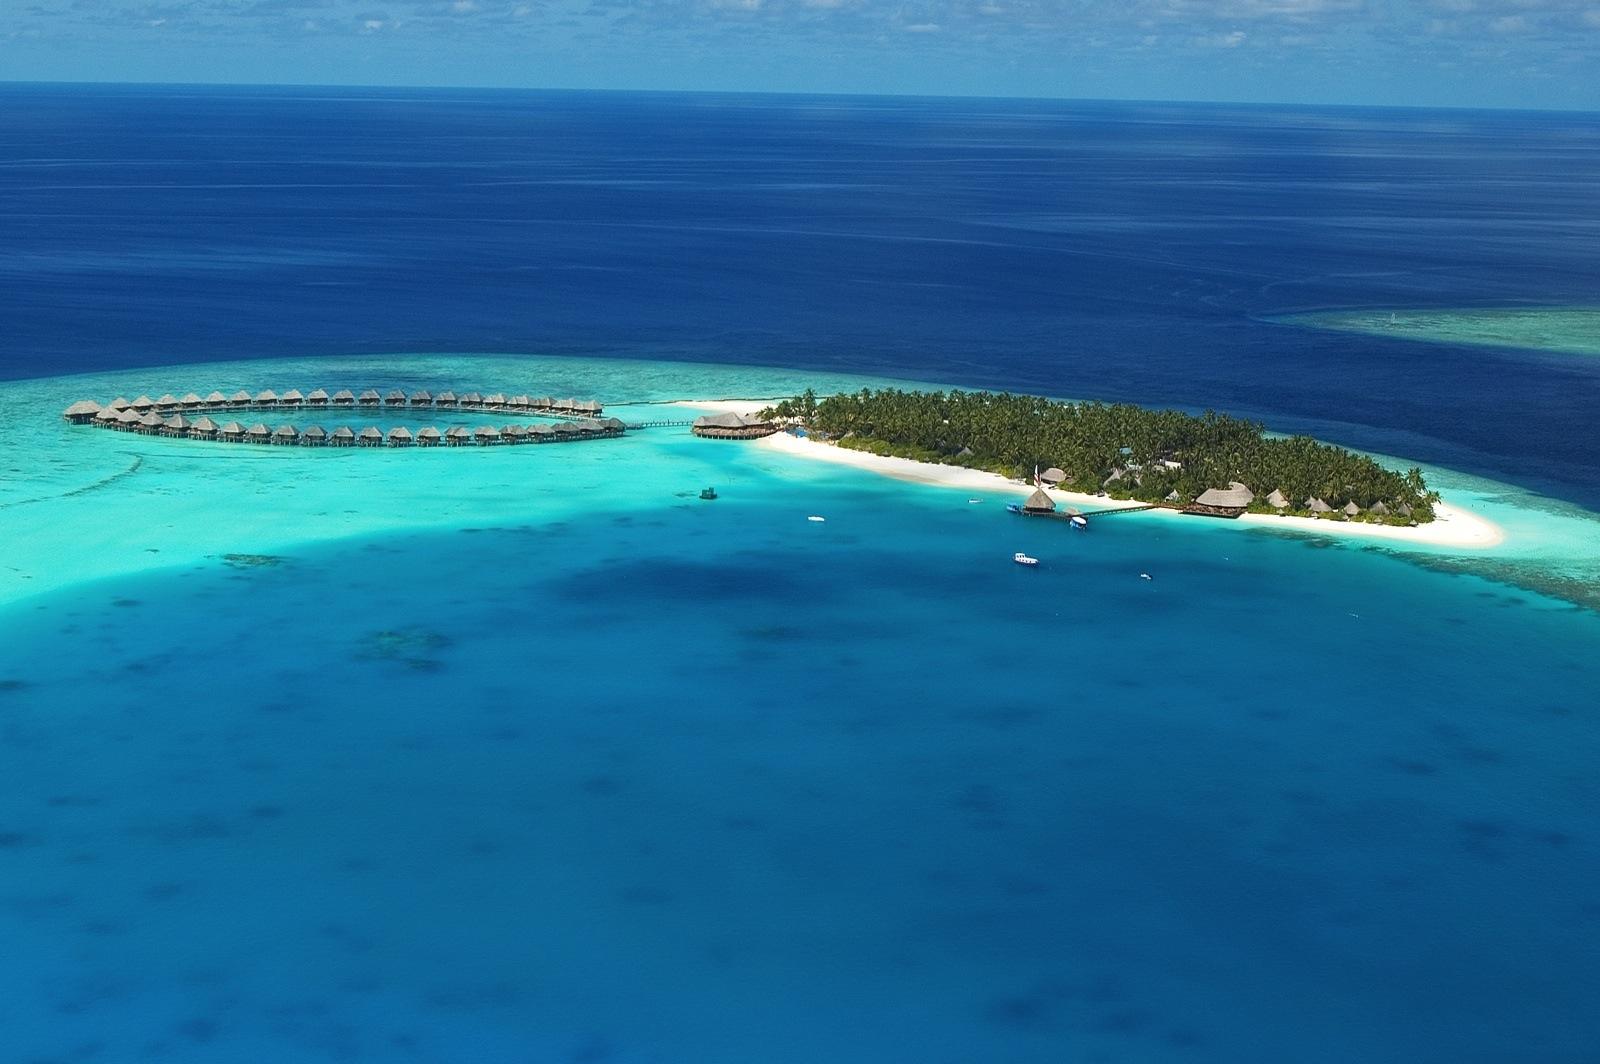 Sun Aqua rebrands Vilu Reef